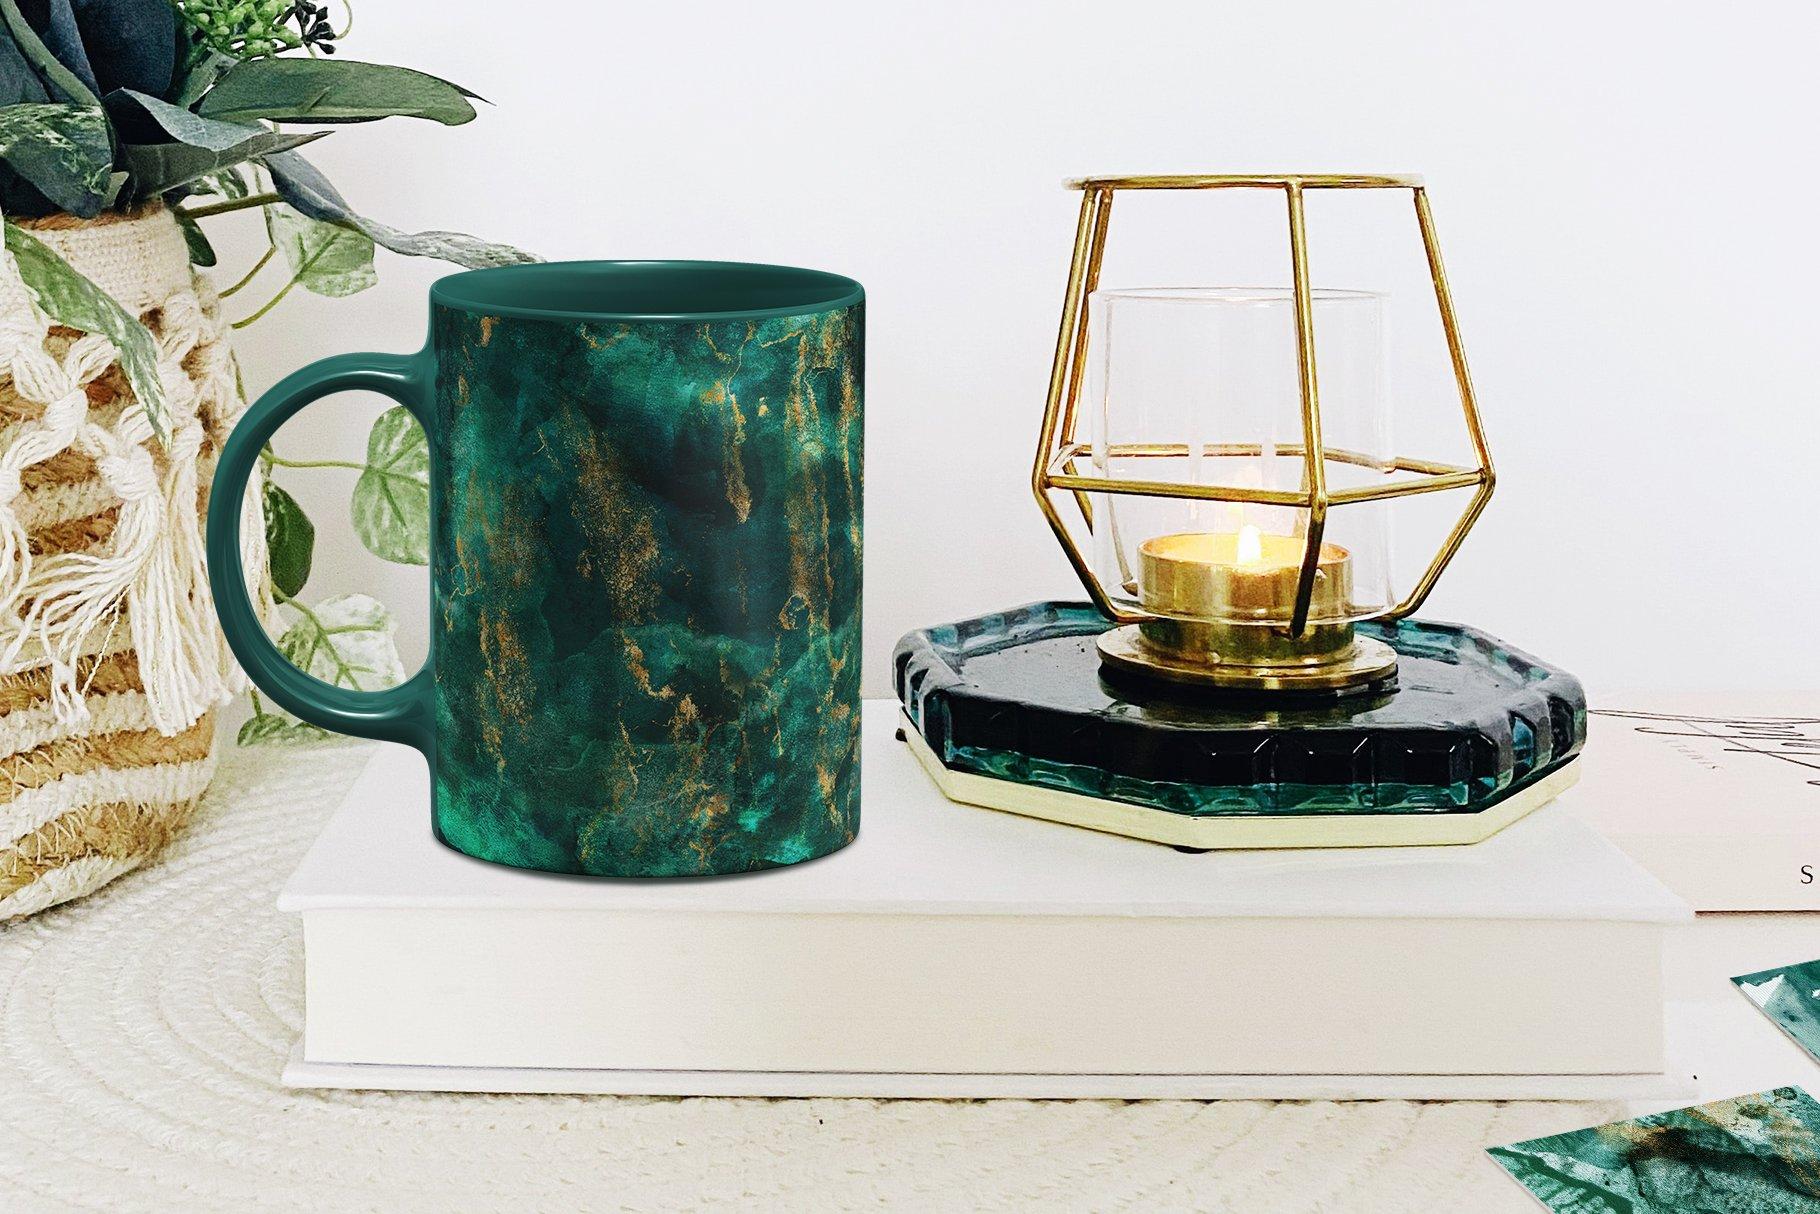 30款奢华翡翠墨绿流金水彩抽象艺术装饰背景底纹图片素材 Seamless Watercolor Backgrounds插图9